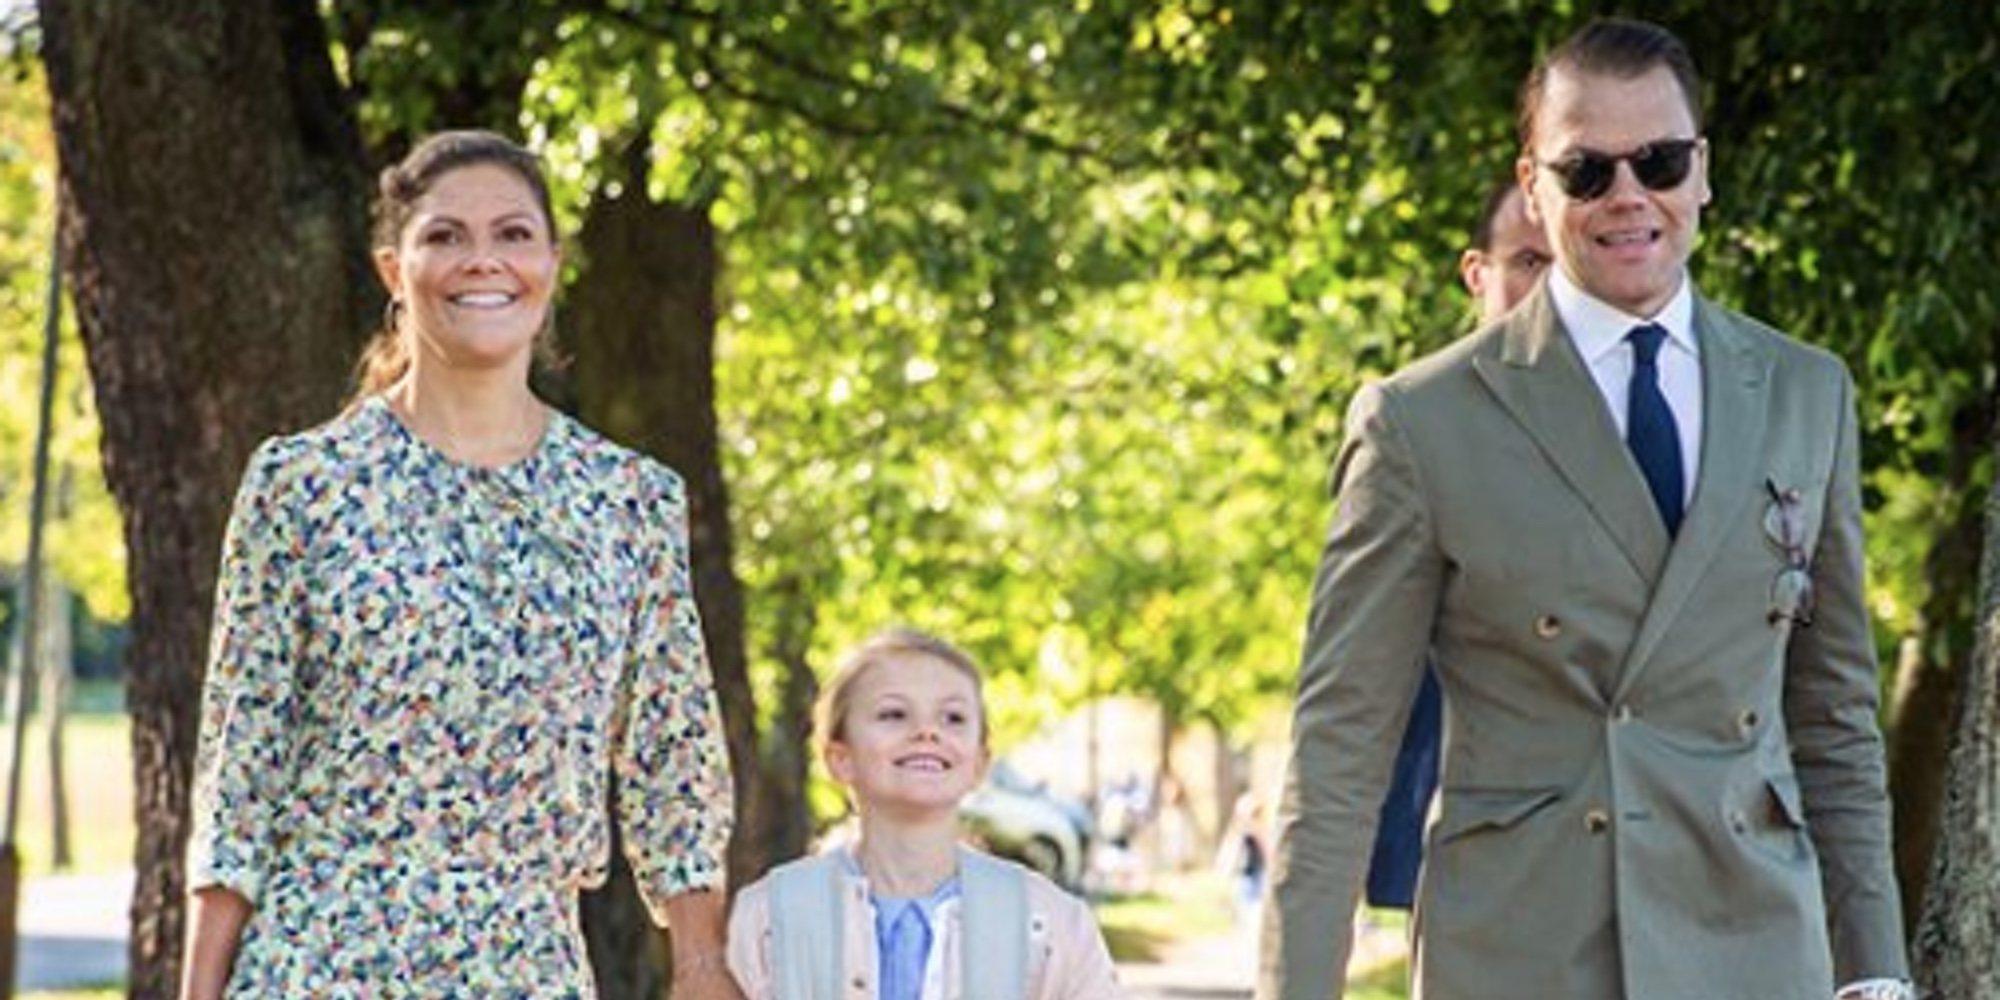 La Princesa Estela de Suecia derrocha felicidad en su primer día de colegio